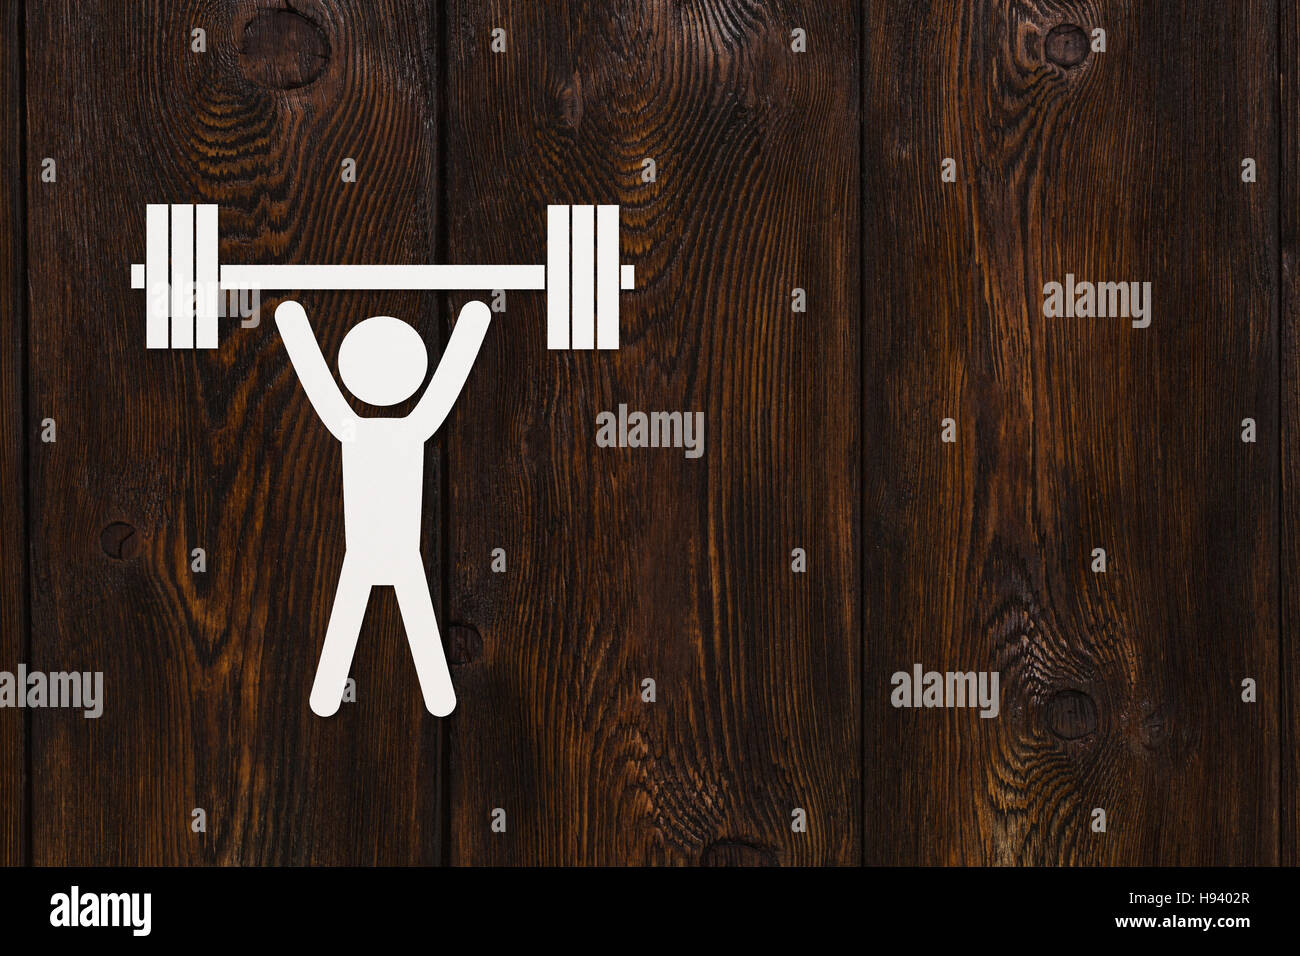 Uomo di carta con pesi. Sport e fitness concetto. Copyspace, sullo sfondo di legno Immagini Stock